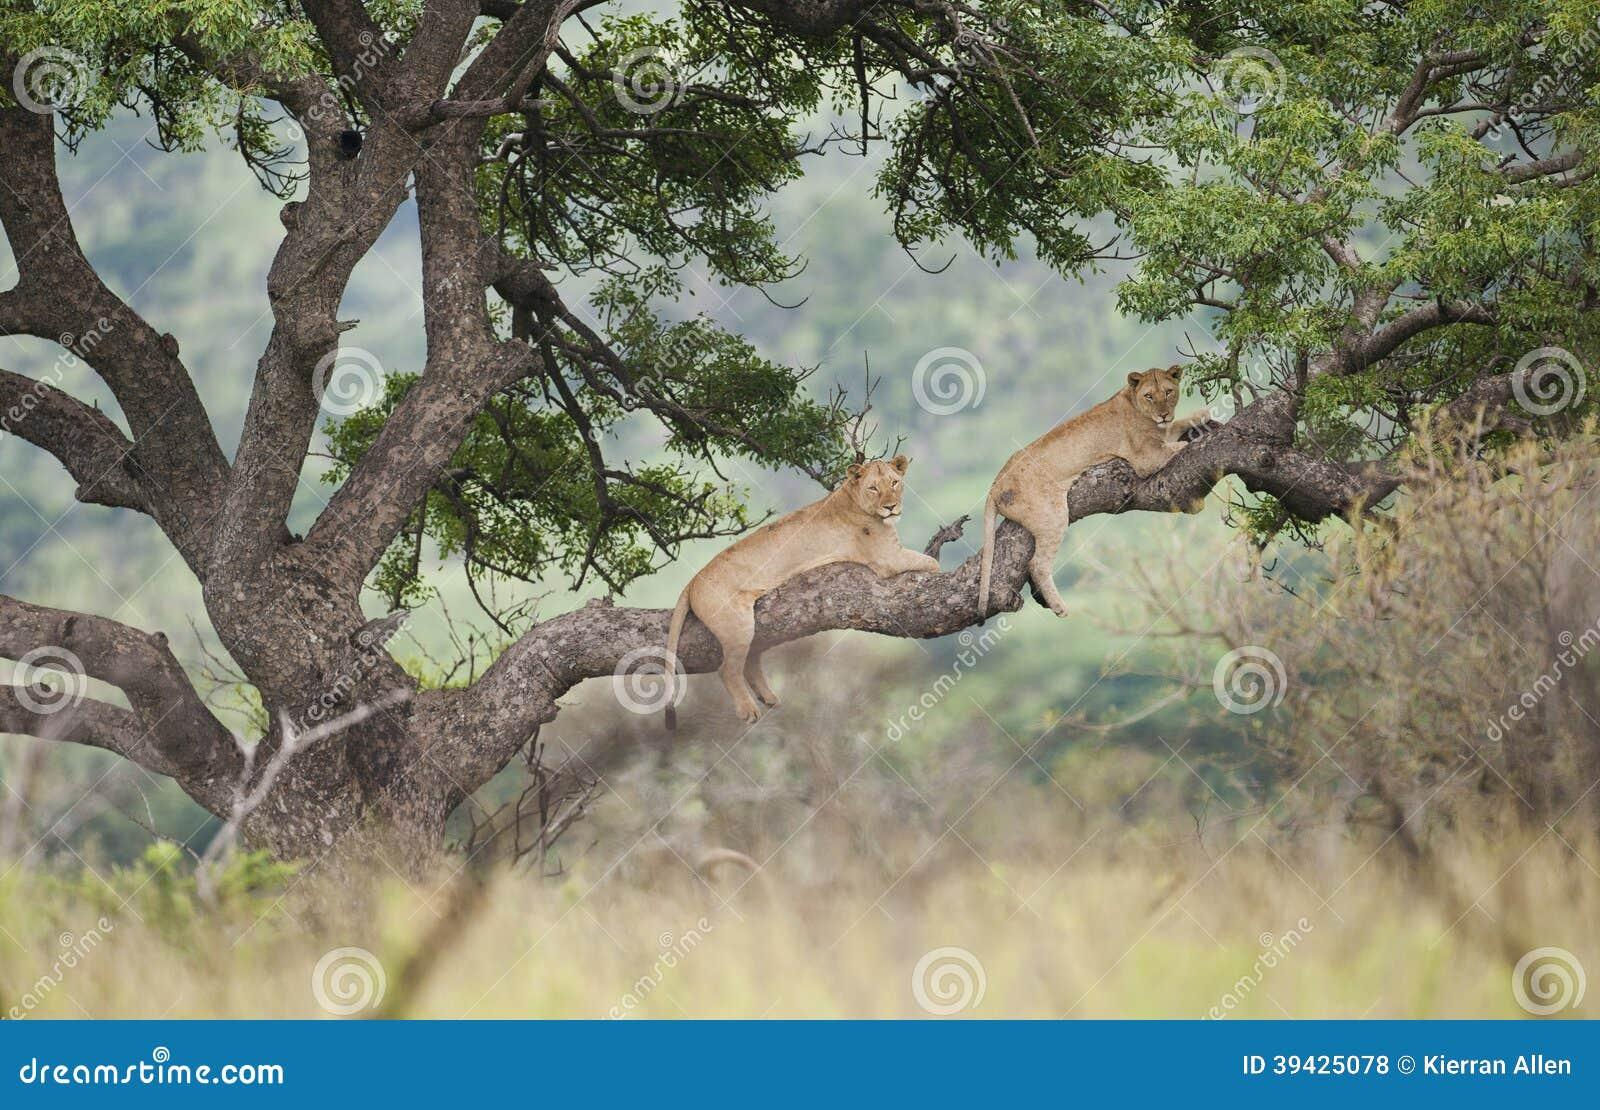 Löwen im Baum Südafrika